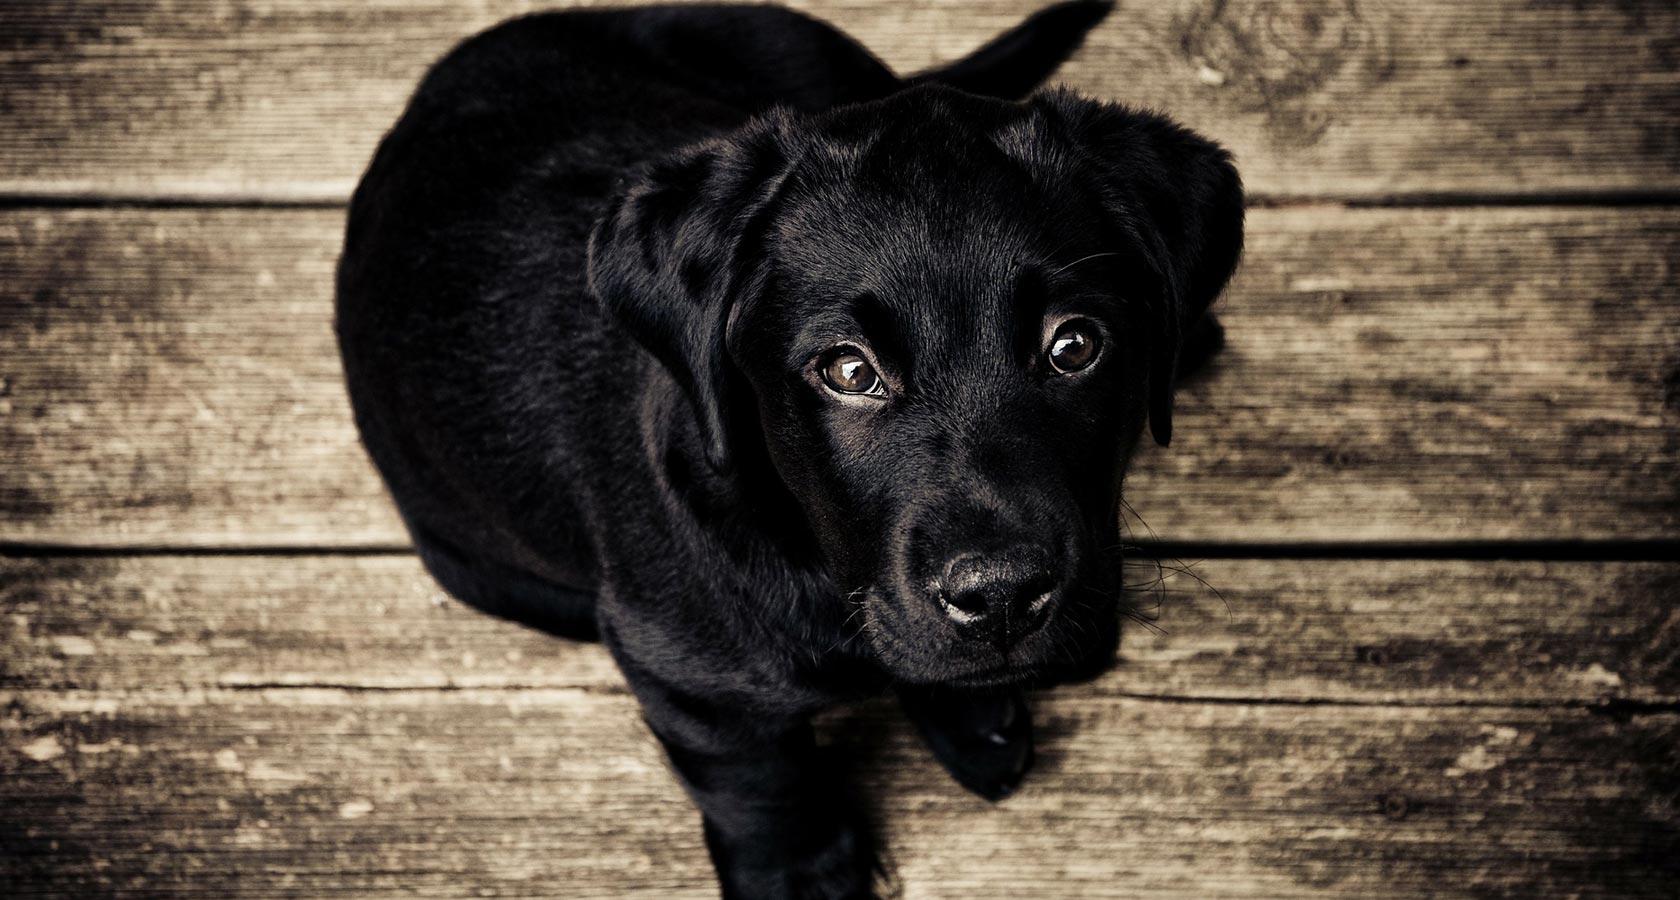 En la imagen se muestra a un cachorro negro mirando desde hacia abajo a la cámara